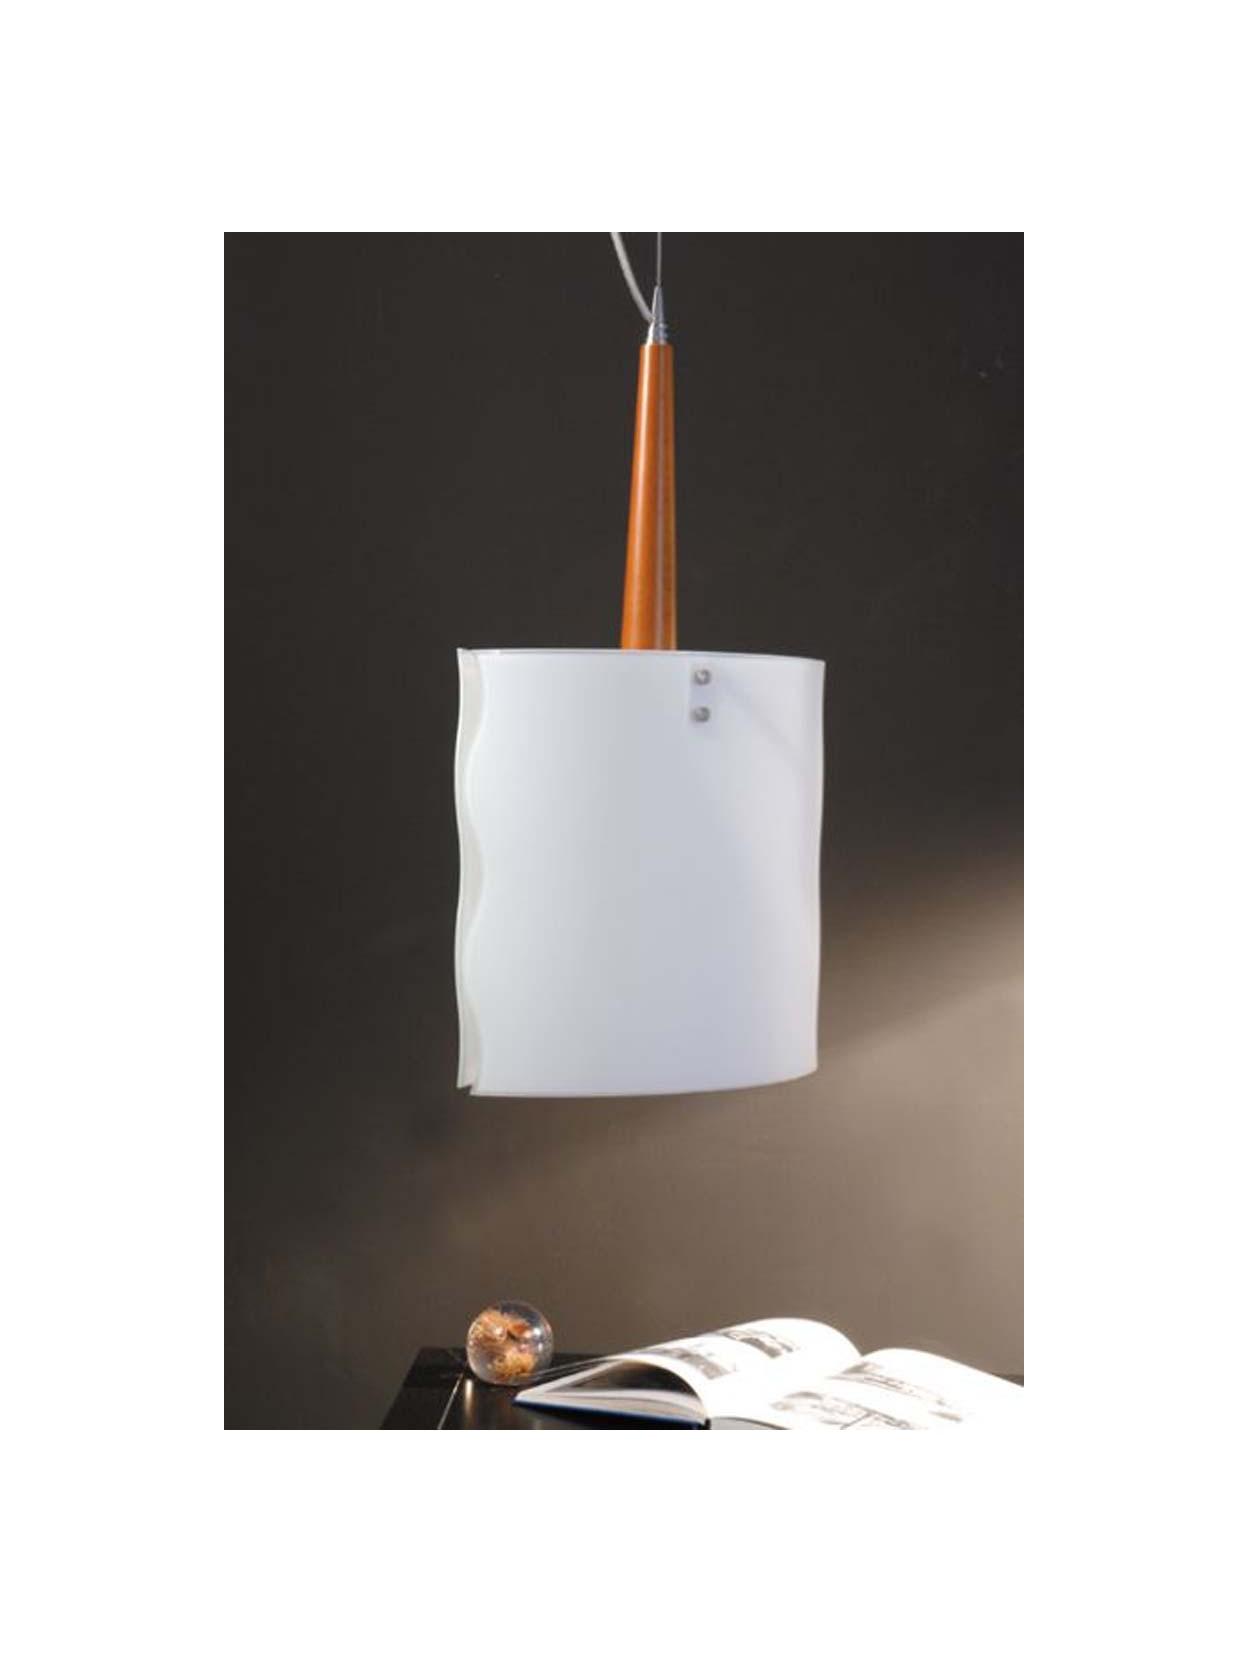 Lampadario moderno 1 luce legno ciliegio nov479sg for Scrittoio ciliegio moderno